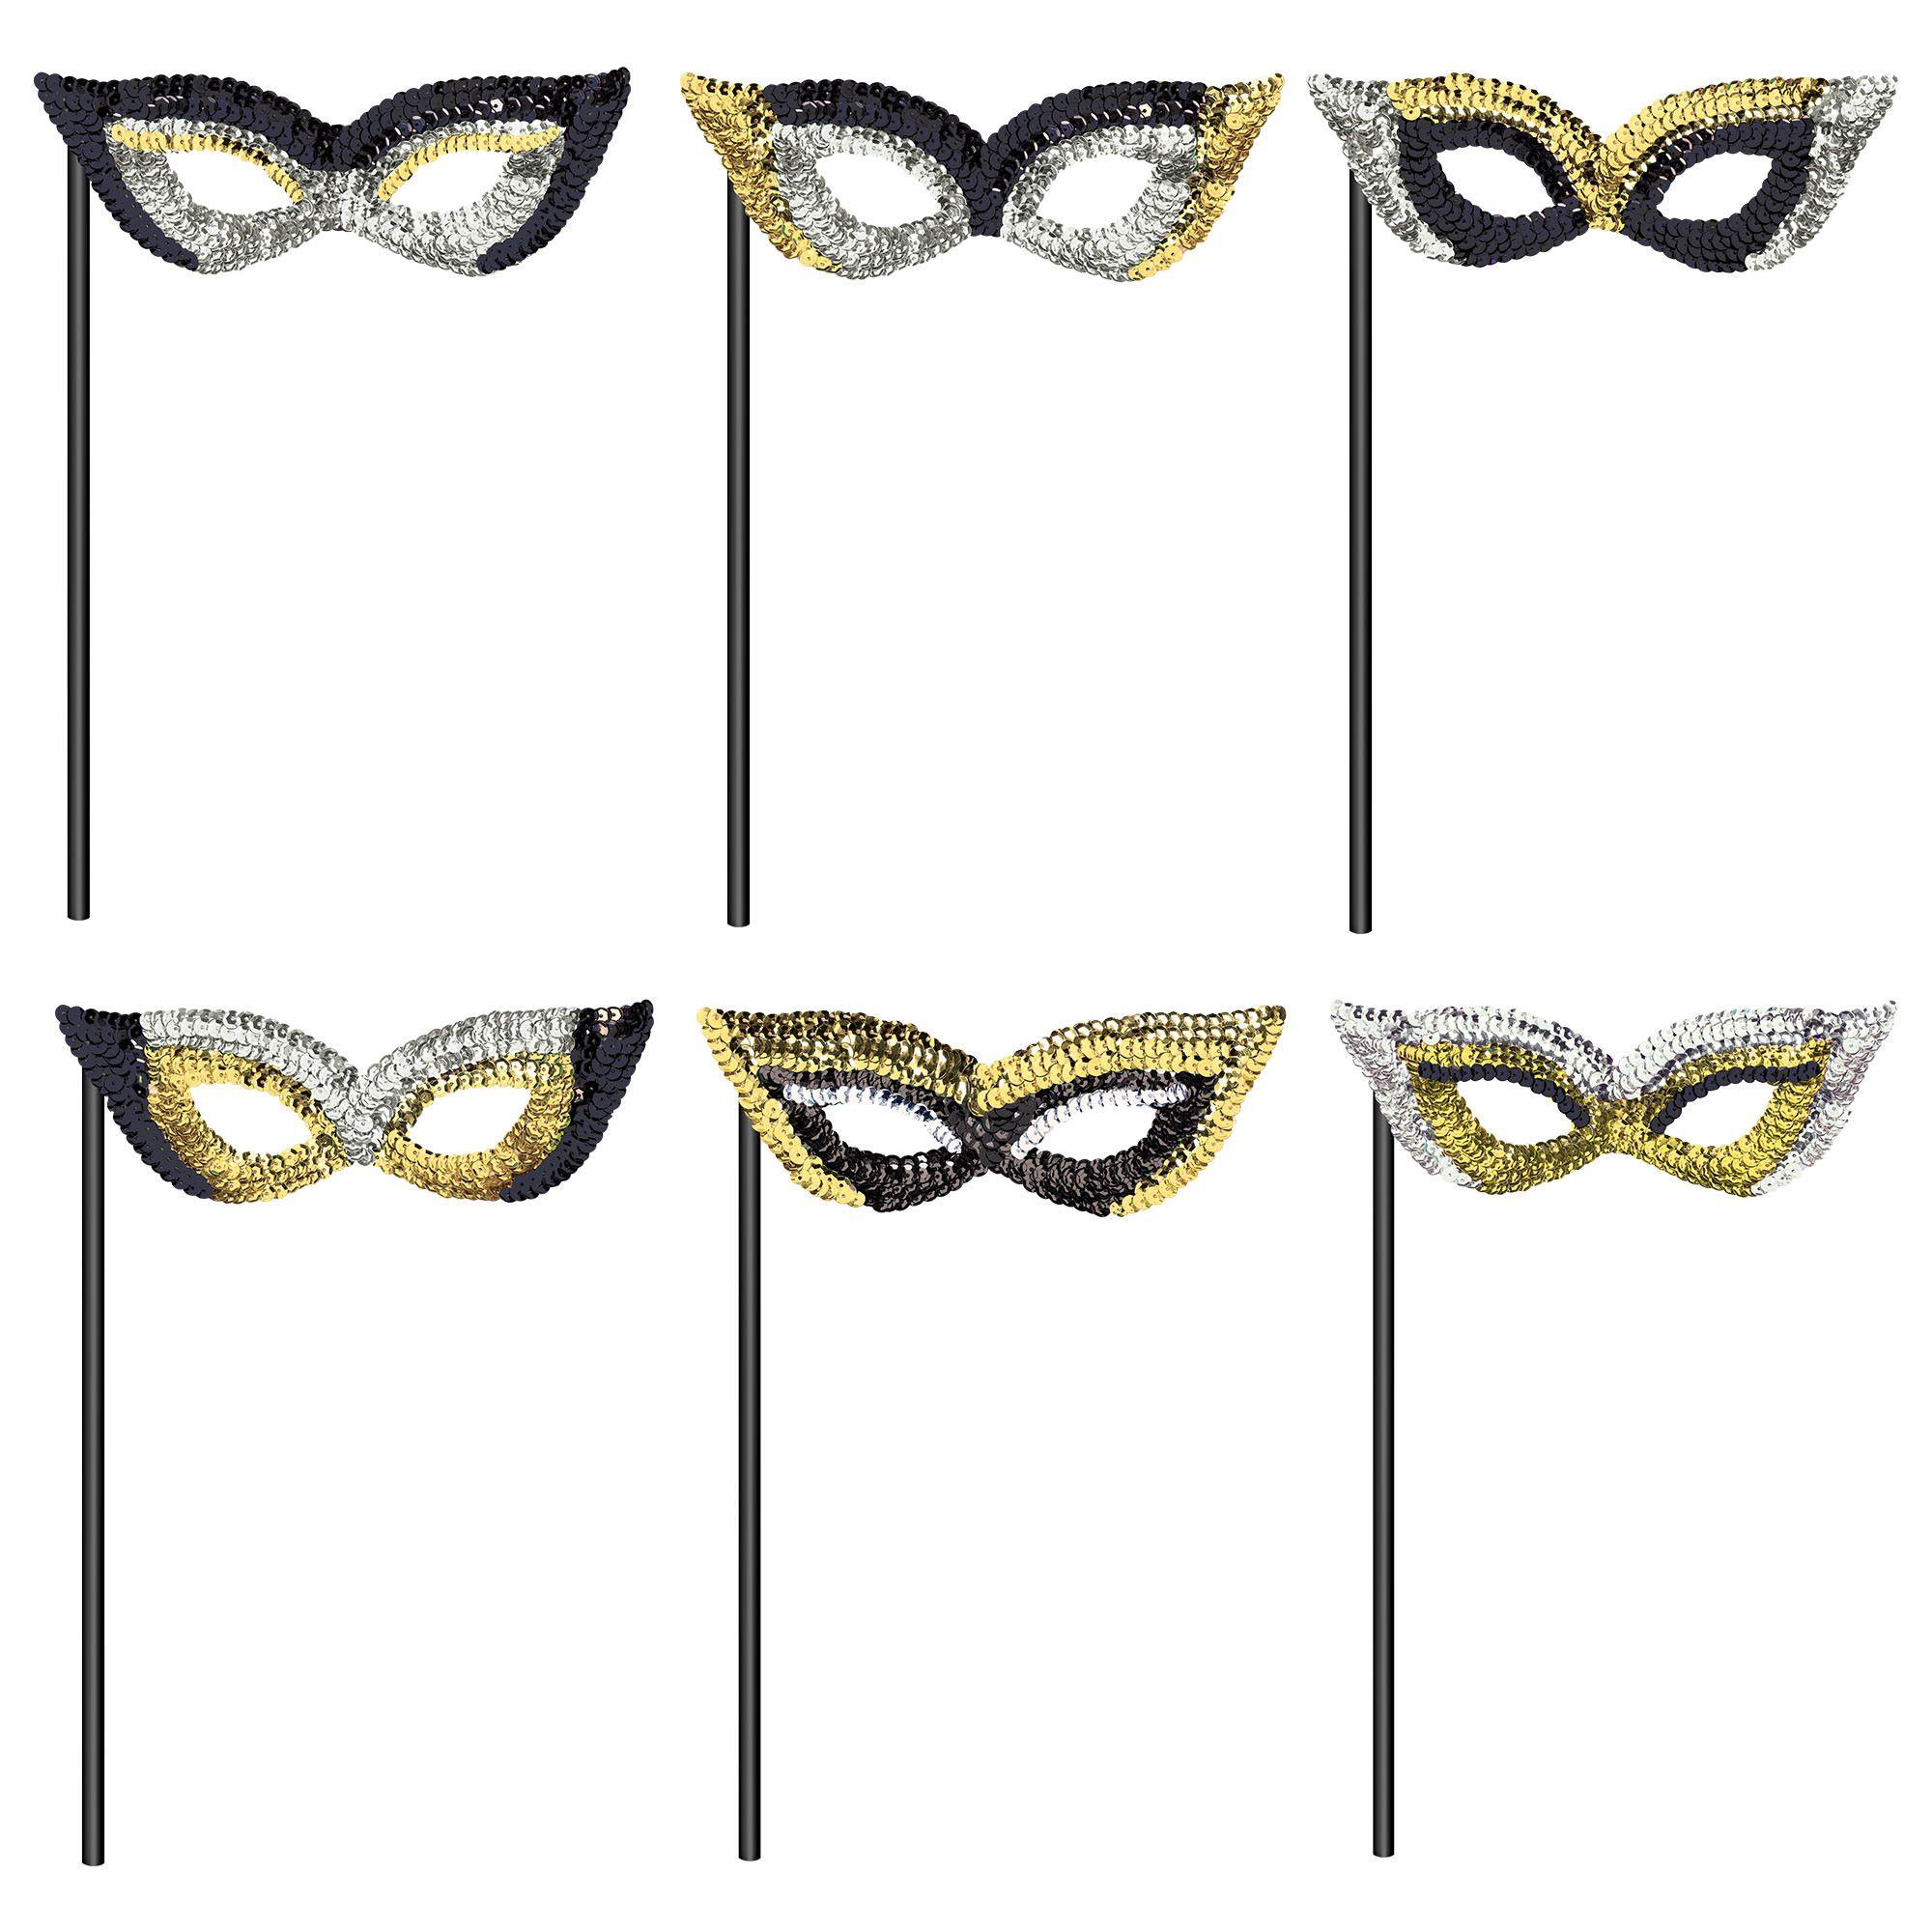 BSG Masks on Sticks